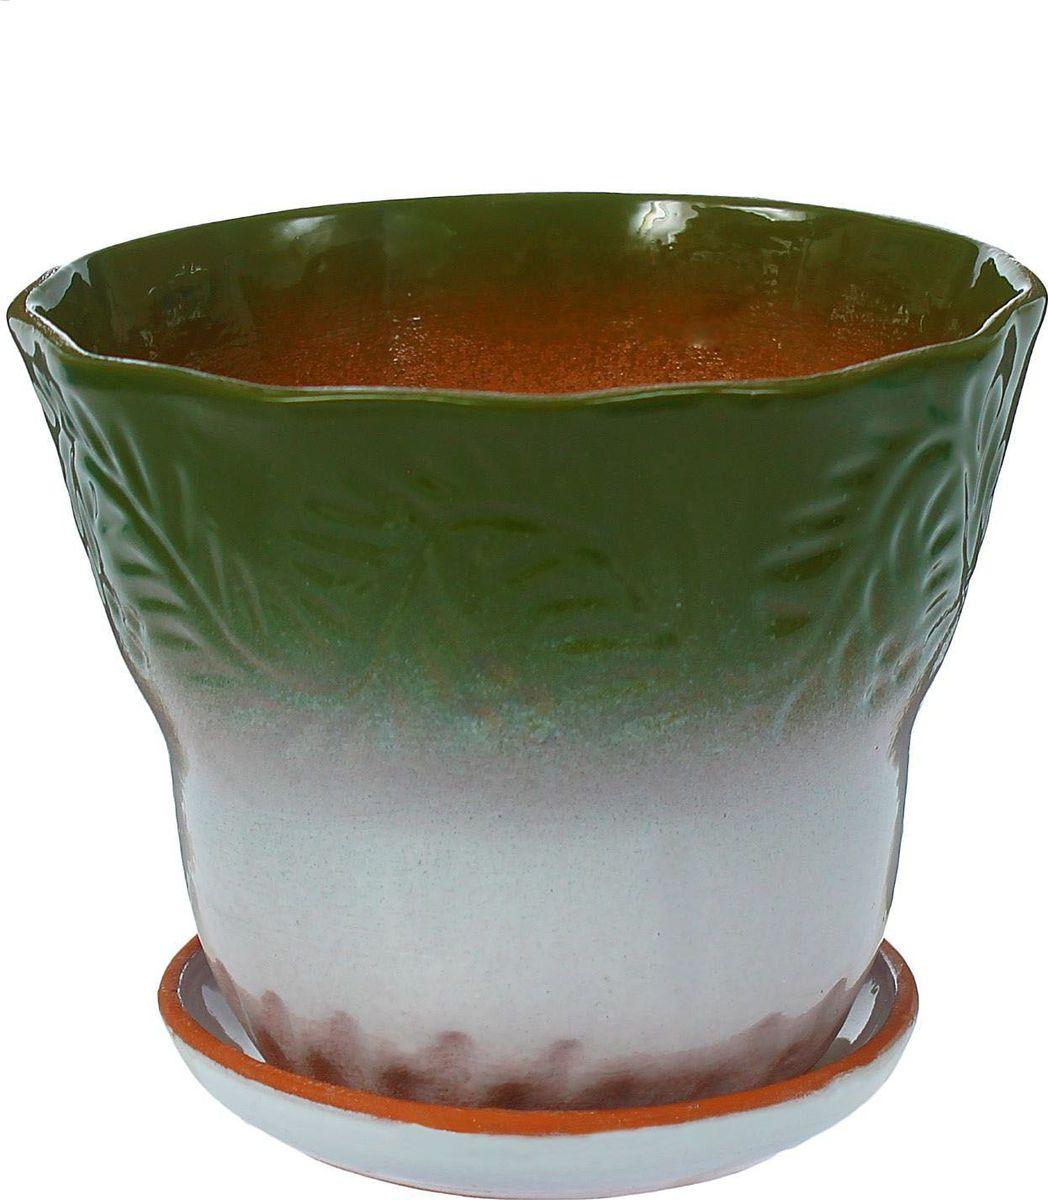 Кашпо Рябинка, цвет: белый, зеленый, 0,5 л1306586Комнатные растения — всеобщие любимцы. Они радуют глаз, насыщают помещение кислородом и украшают пространство. Каждому из них необходим свой удобный и красивый дом. Кашпо из керамики прекрасно подходят для высадки растений: за счёт пластичности глины и разных способов обработки существует великое множество форм и дизайновпористый материал позволяет испаряться лишней влагевоздух, необходимый для дыхания корней, проникает сквозь керамические стенки! #name# позаботится о зелёном питомце, освежит интерьер и подчеркнёт его стиль.